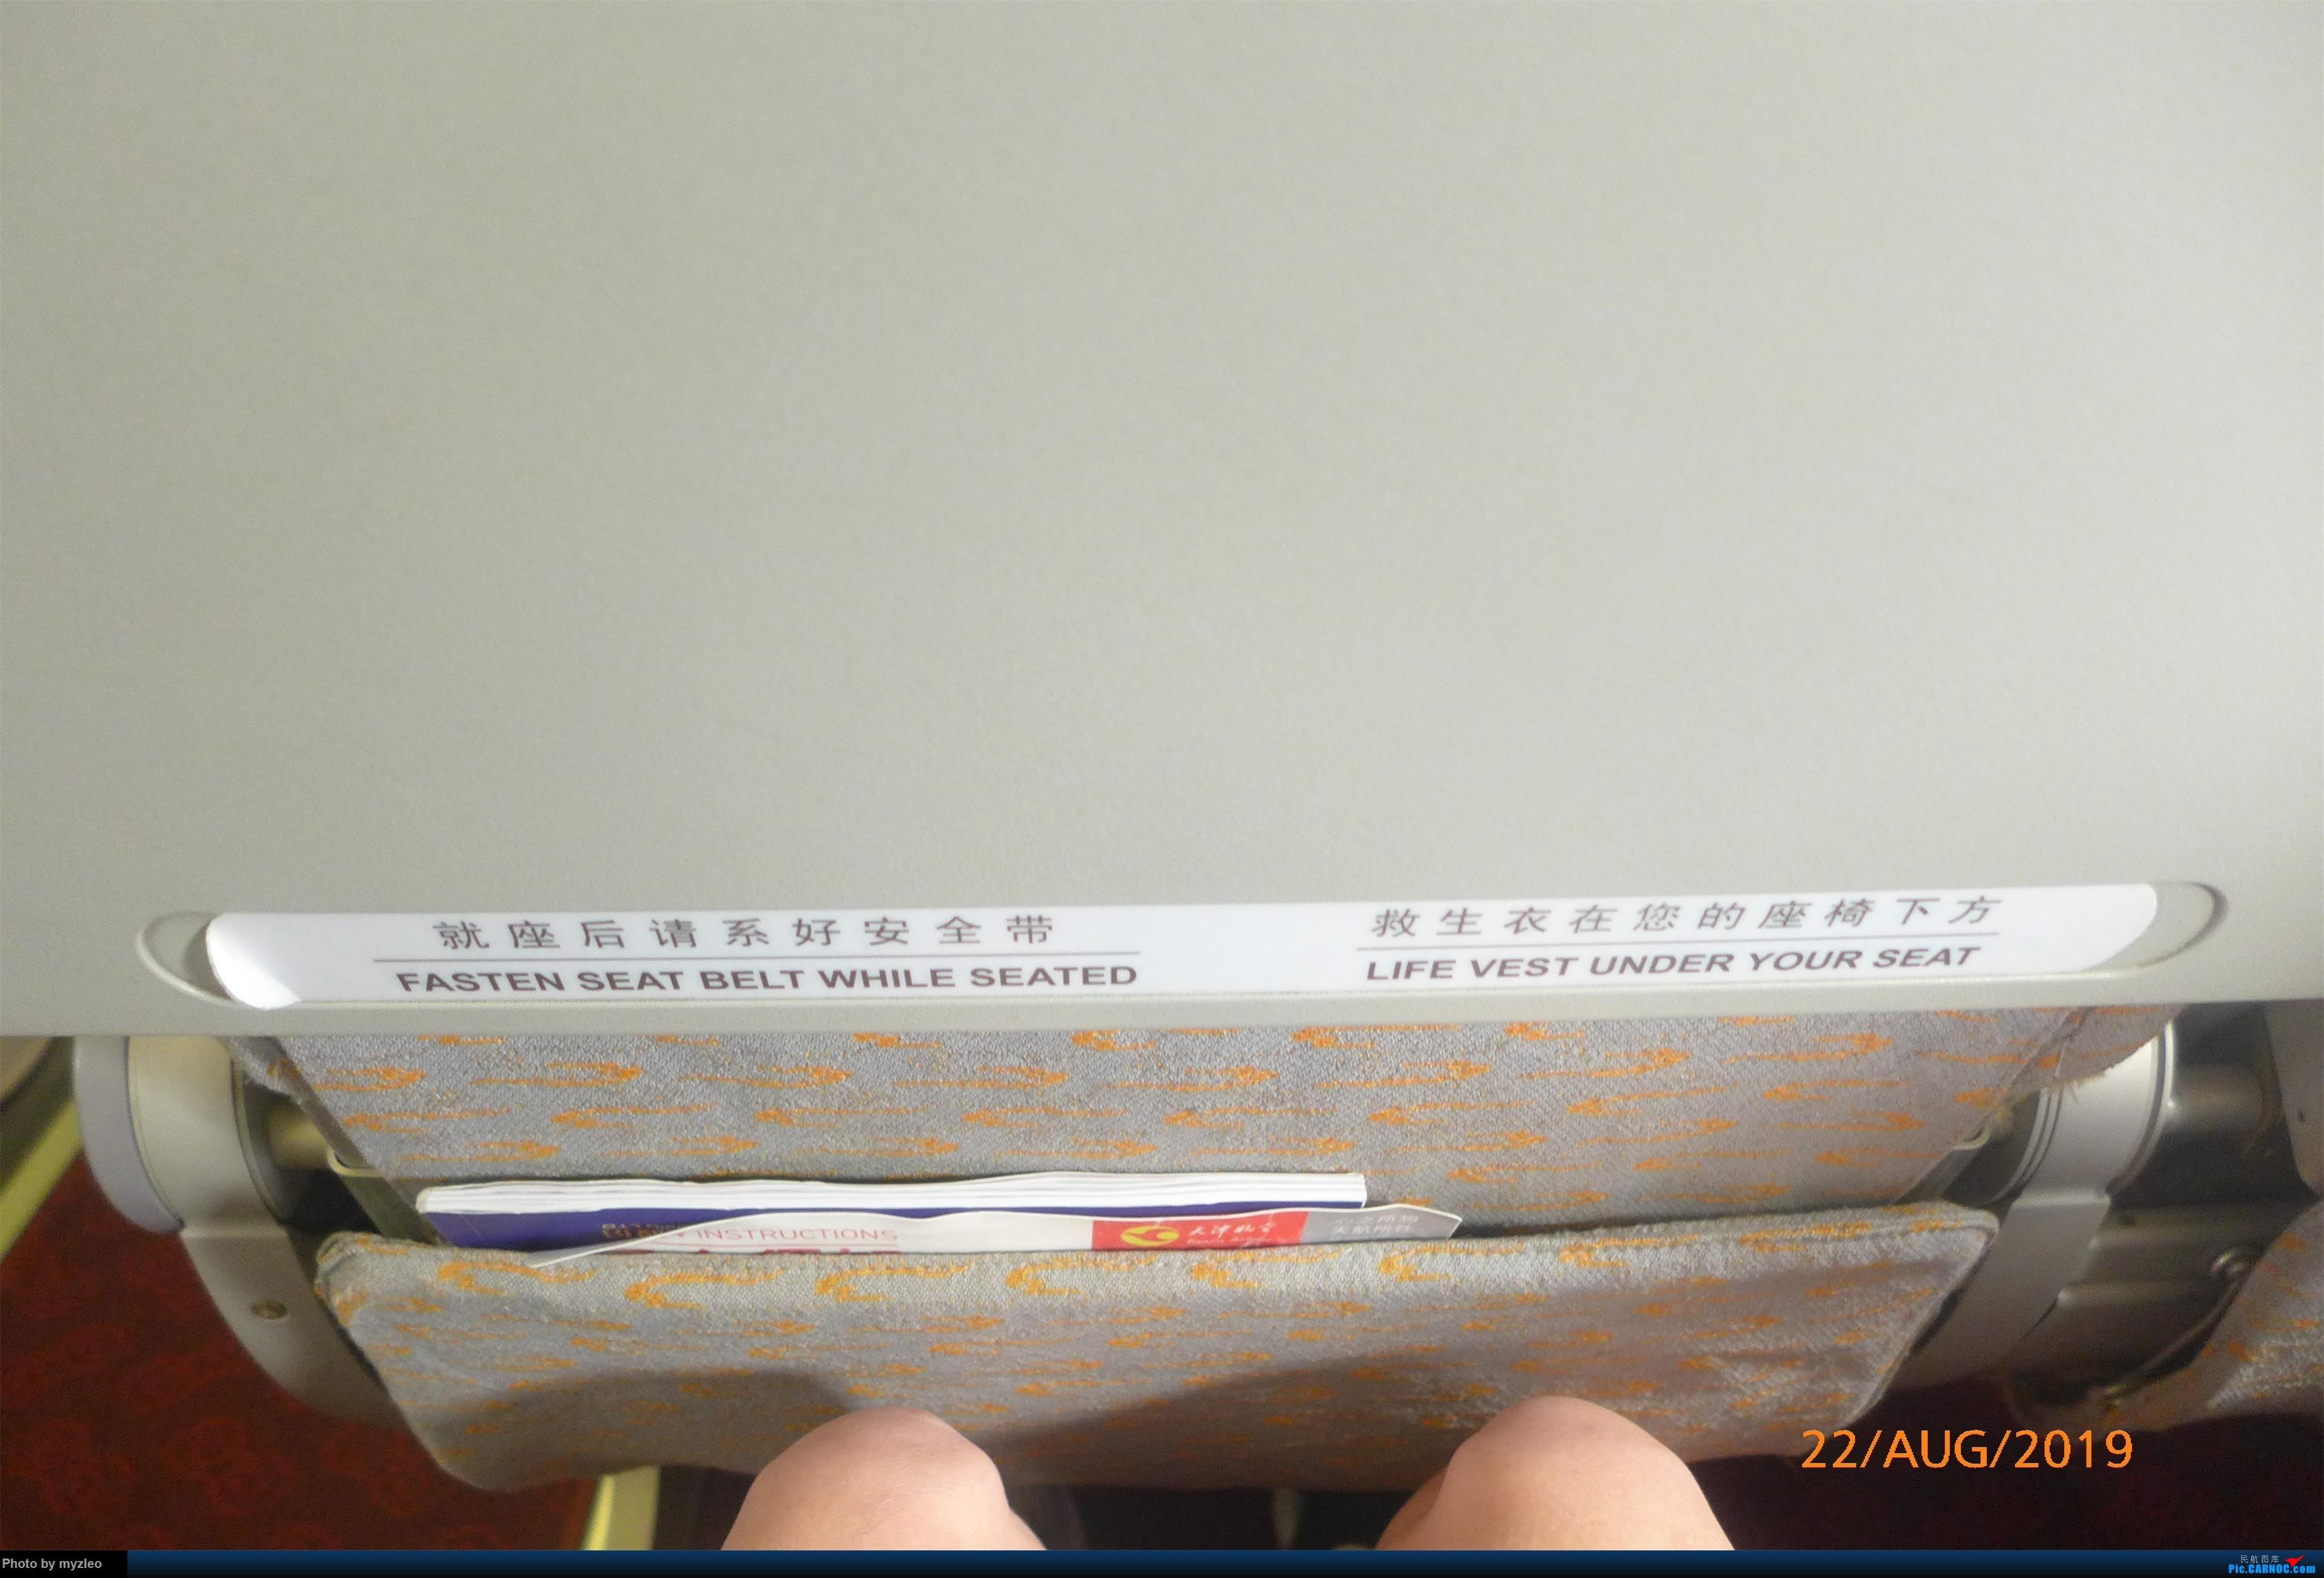 Re:[原创]【myzleo的游记5.2】梦圆一九(2)首访南苑把梦圆,初搭巴航连新缘 EMBRAER E-190 B-3195 中国烟台蓬莱国际机场